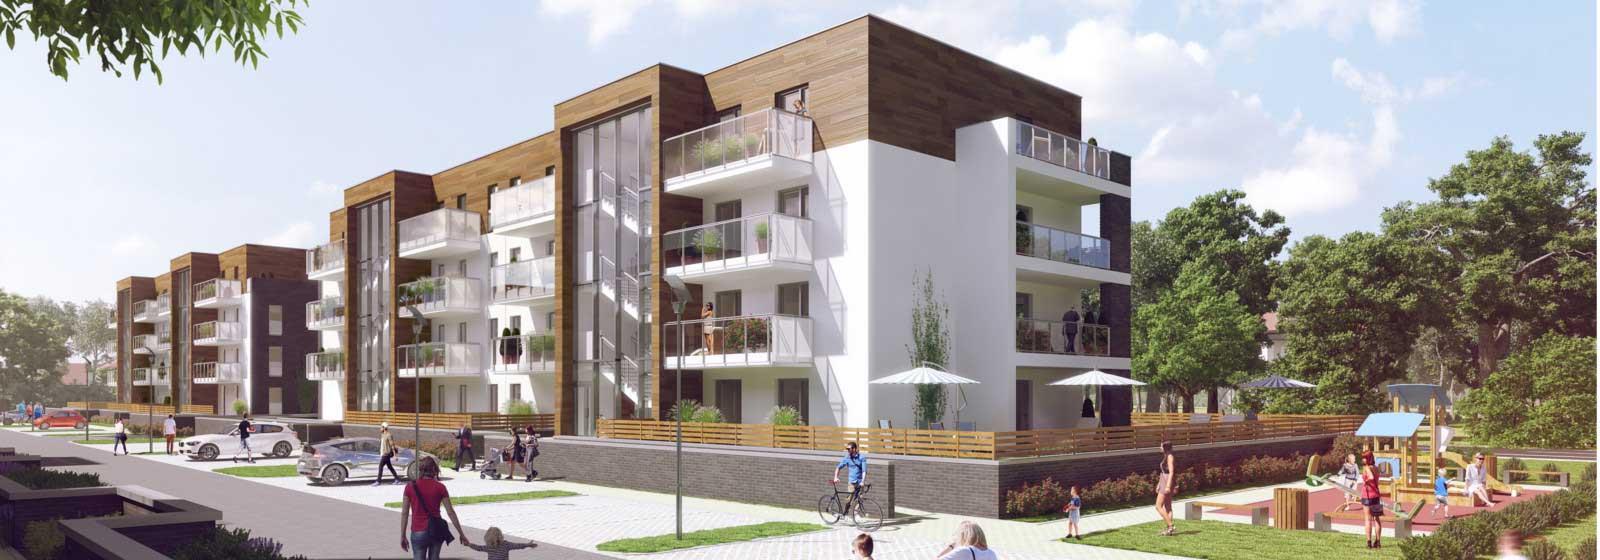 Budynki C i D – sprzedaż mieszkań już ruszyła!